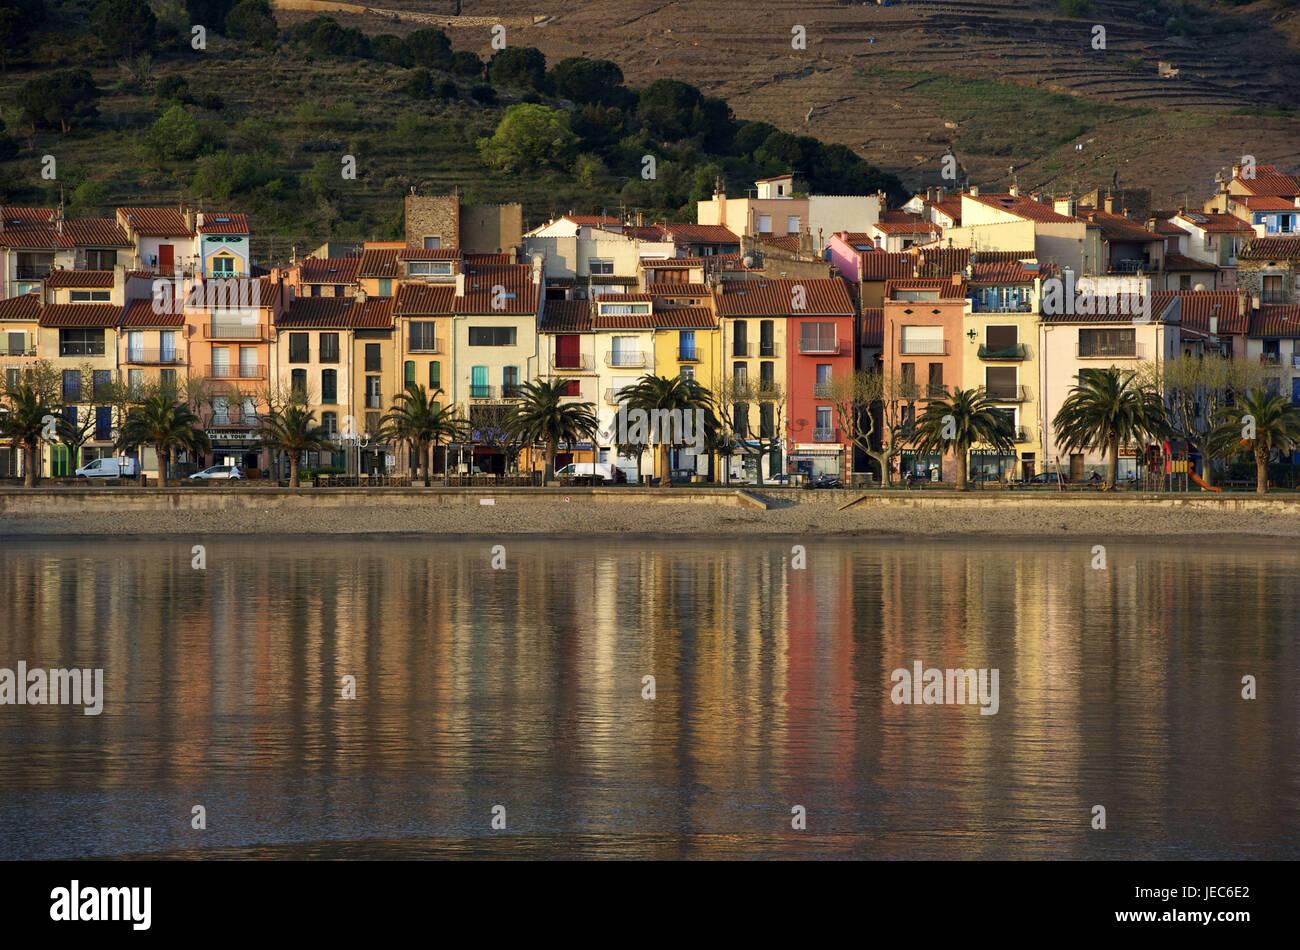 Europe, France, Collioure, Europe, France, Languedoc-Roussillon, Collioure, Département of Pyrénées - Stock Image